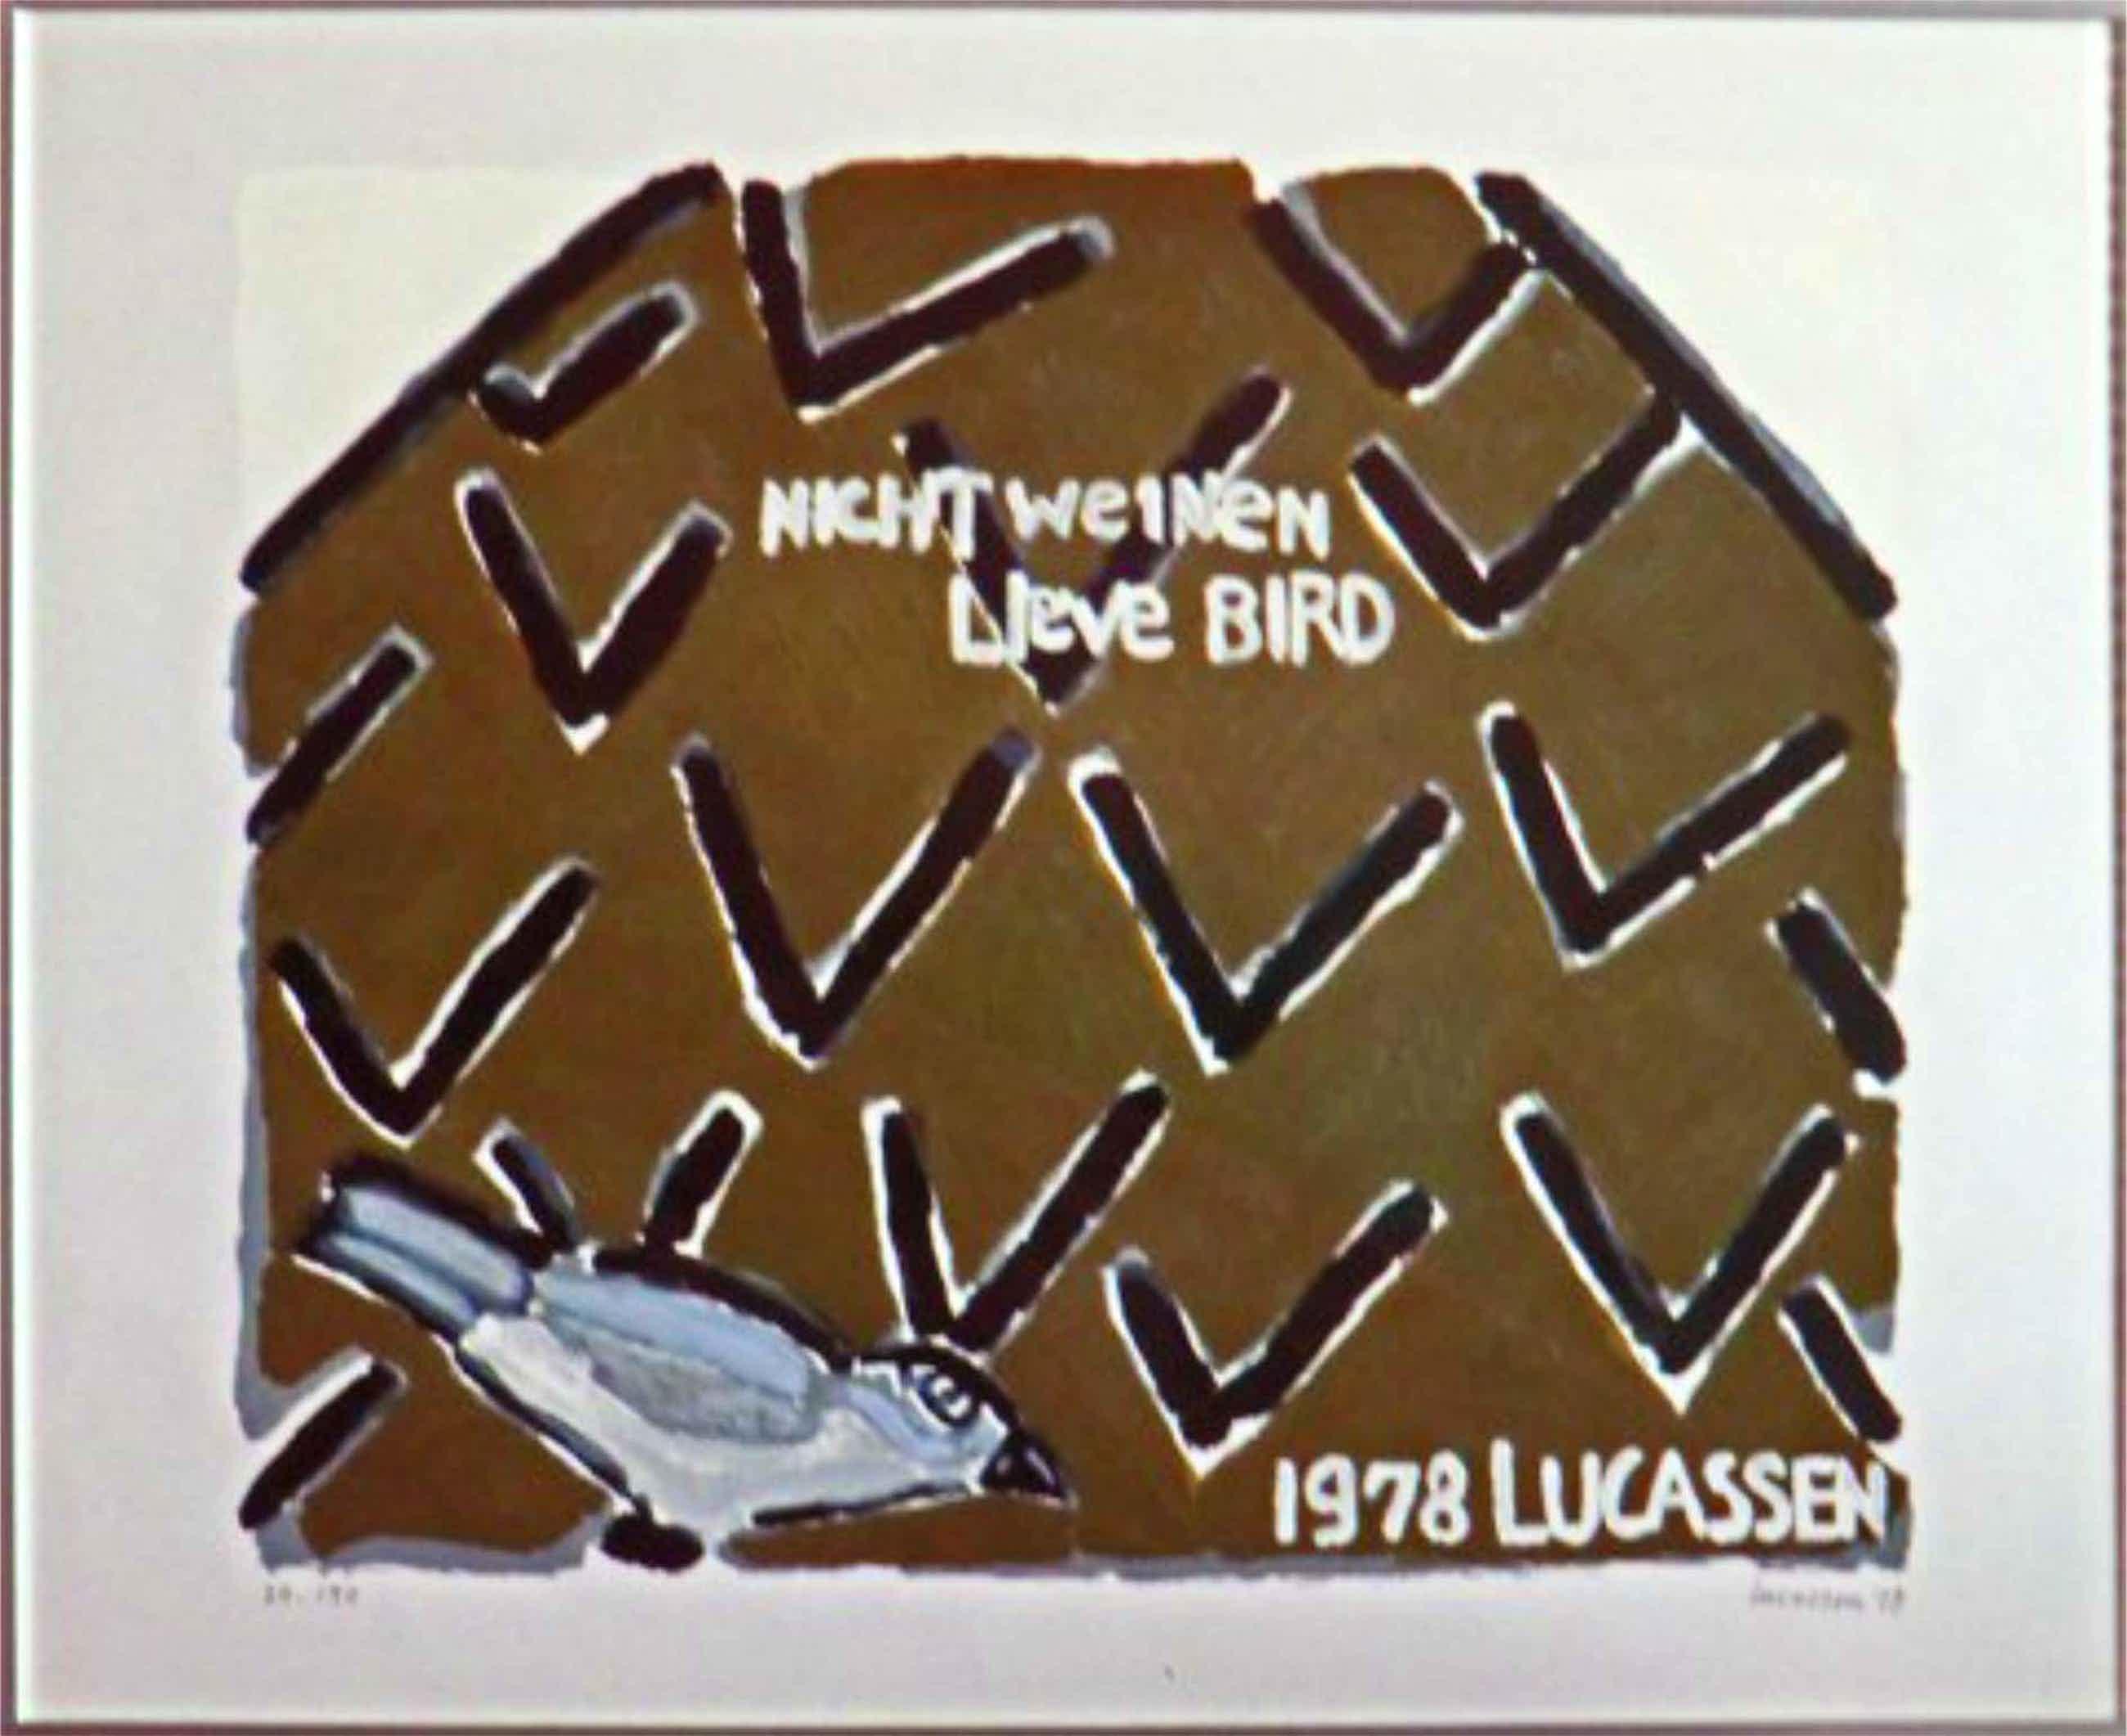 Reinier Lucassen - Nicht weinen lieve Bird kopen? Bied vanaf 125!